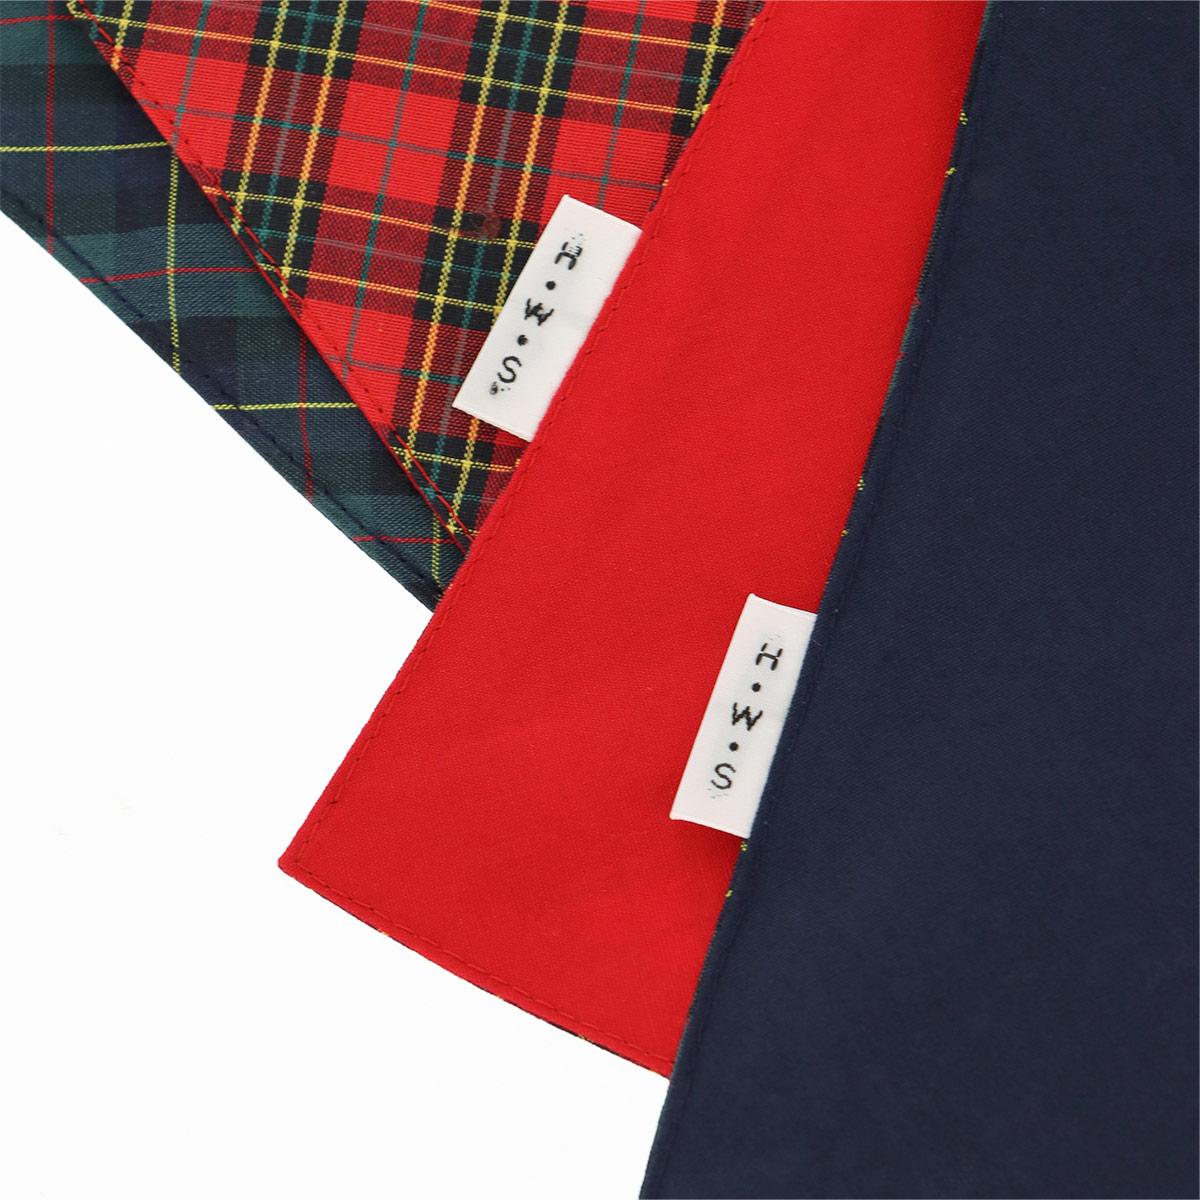 HOUSE WEAR STUDIO ハウスウェアスタジオ 日本製 チェック柄 三角巾 綿100% レディース 70370242【ゆうパケット・4点まで】